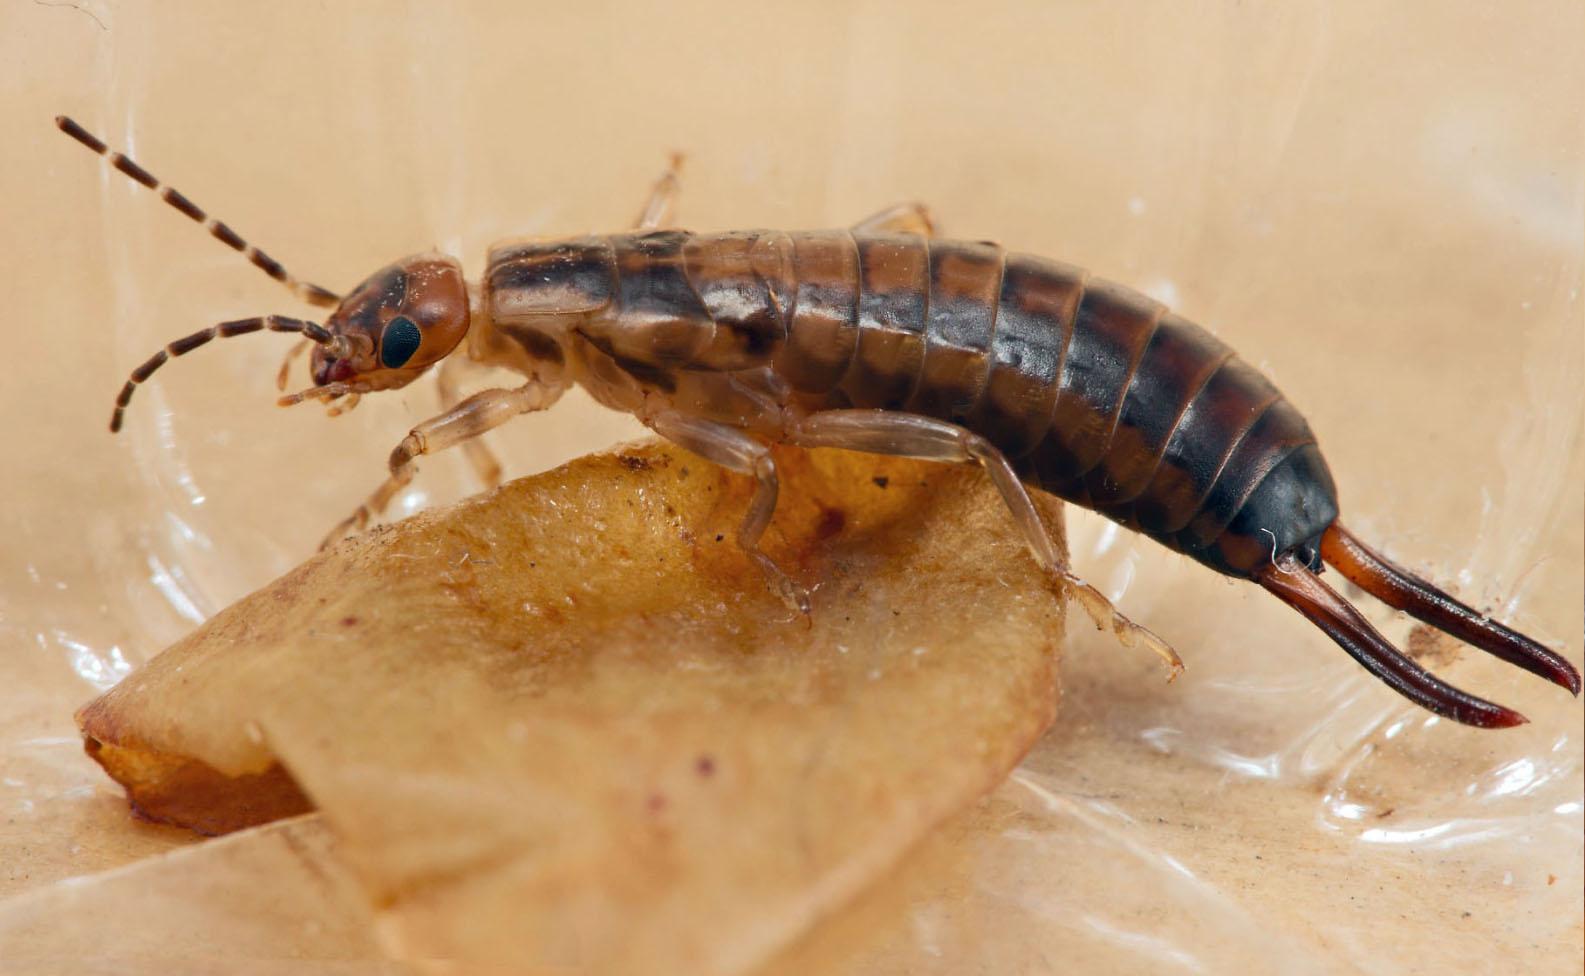 Как бороться с двухвостками в частном доме: как избавиться, опасна ли для человека, насекомое с двумя хвостами сзади, от чего появляются, как вывести двухвосток из дома | domovoda.club